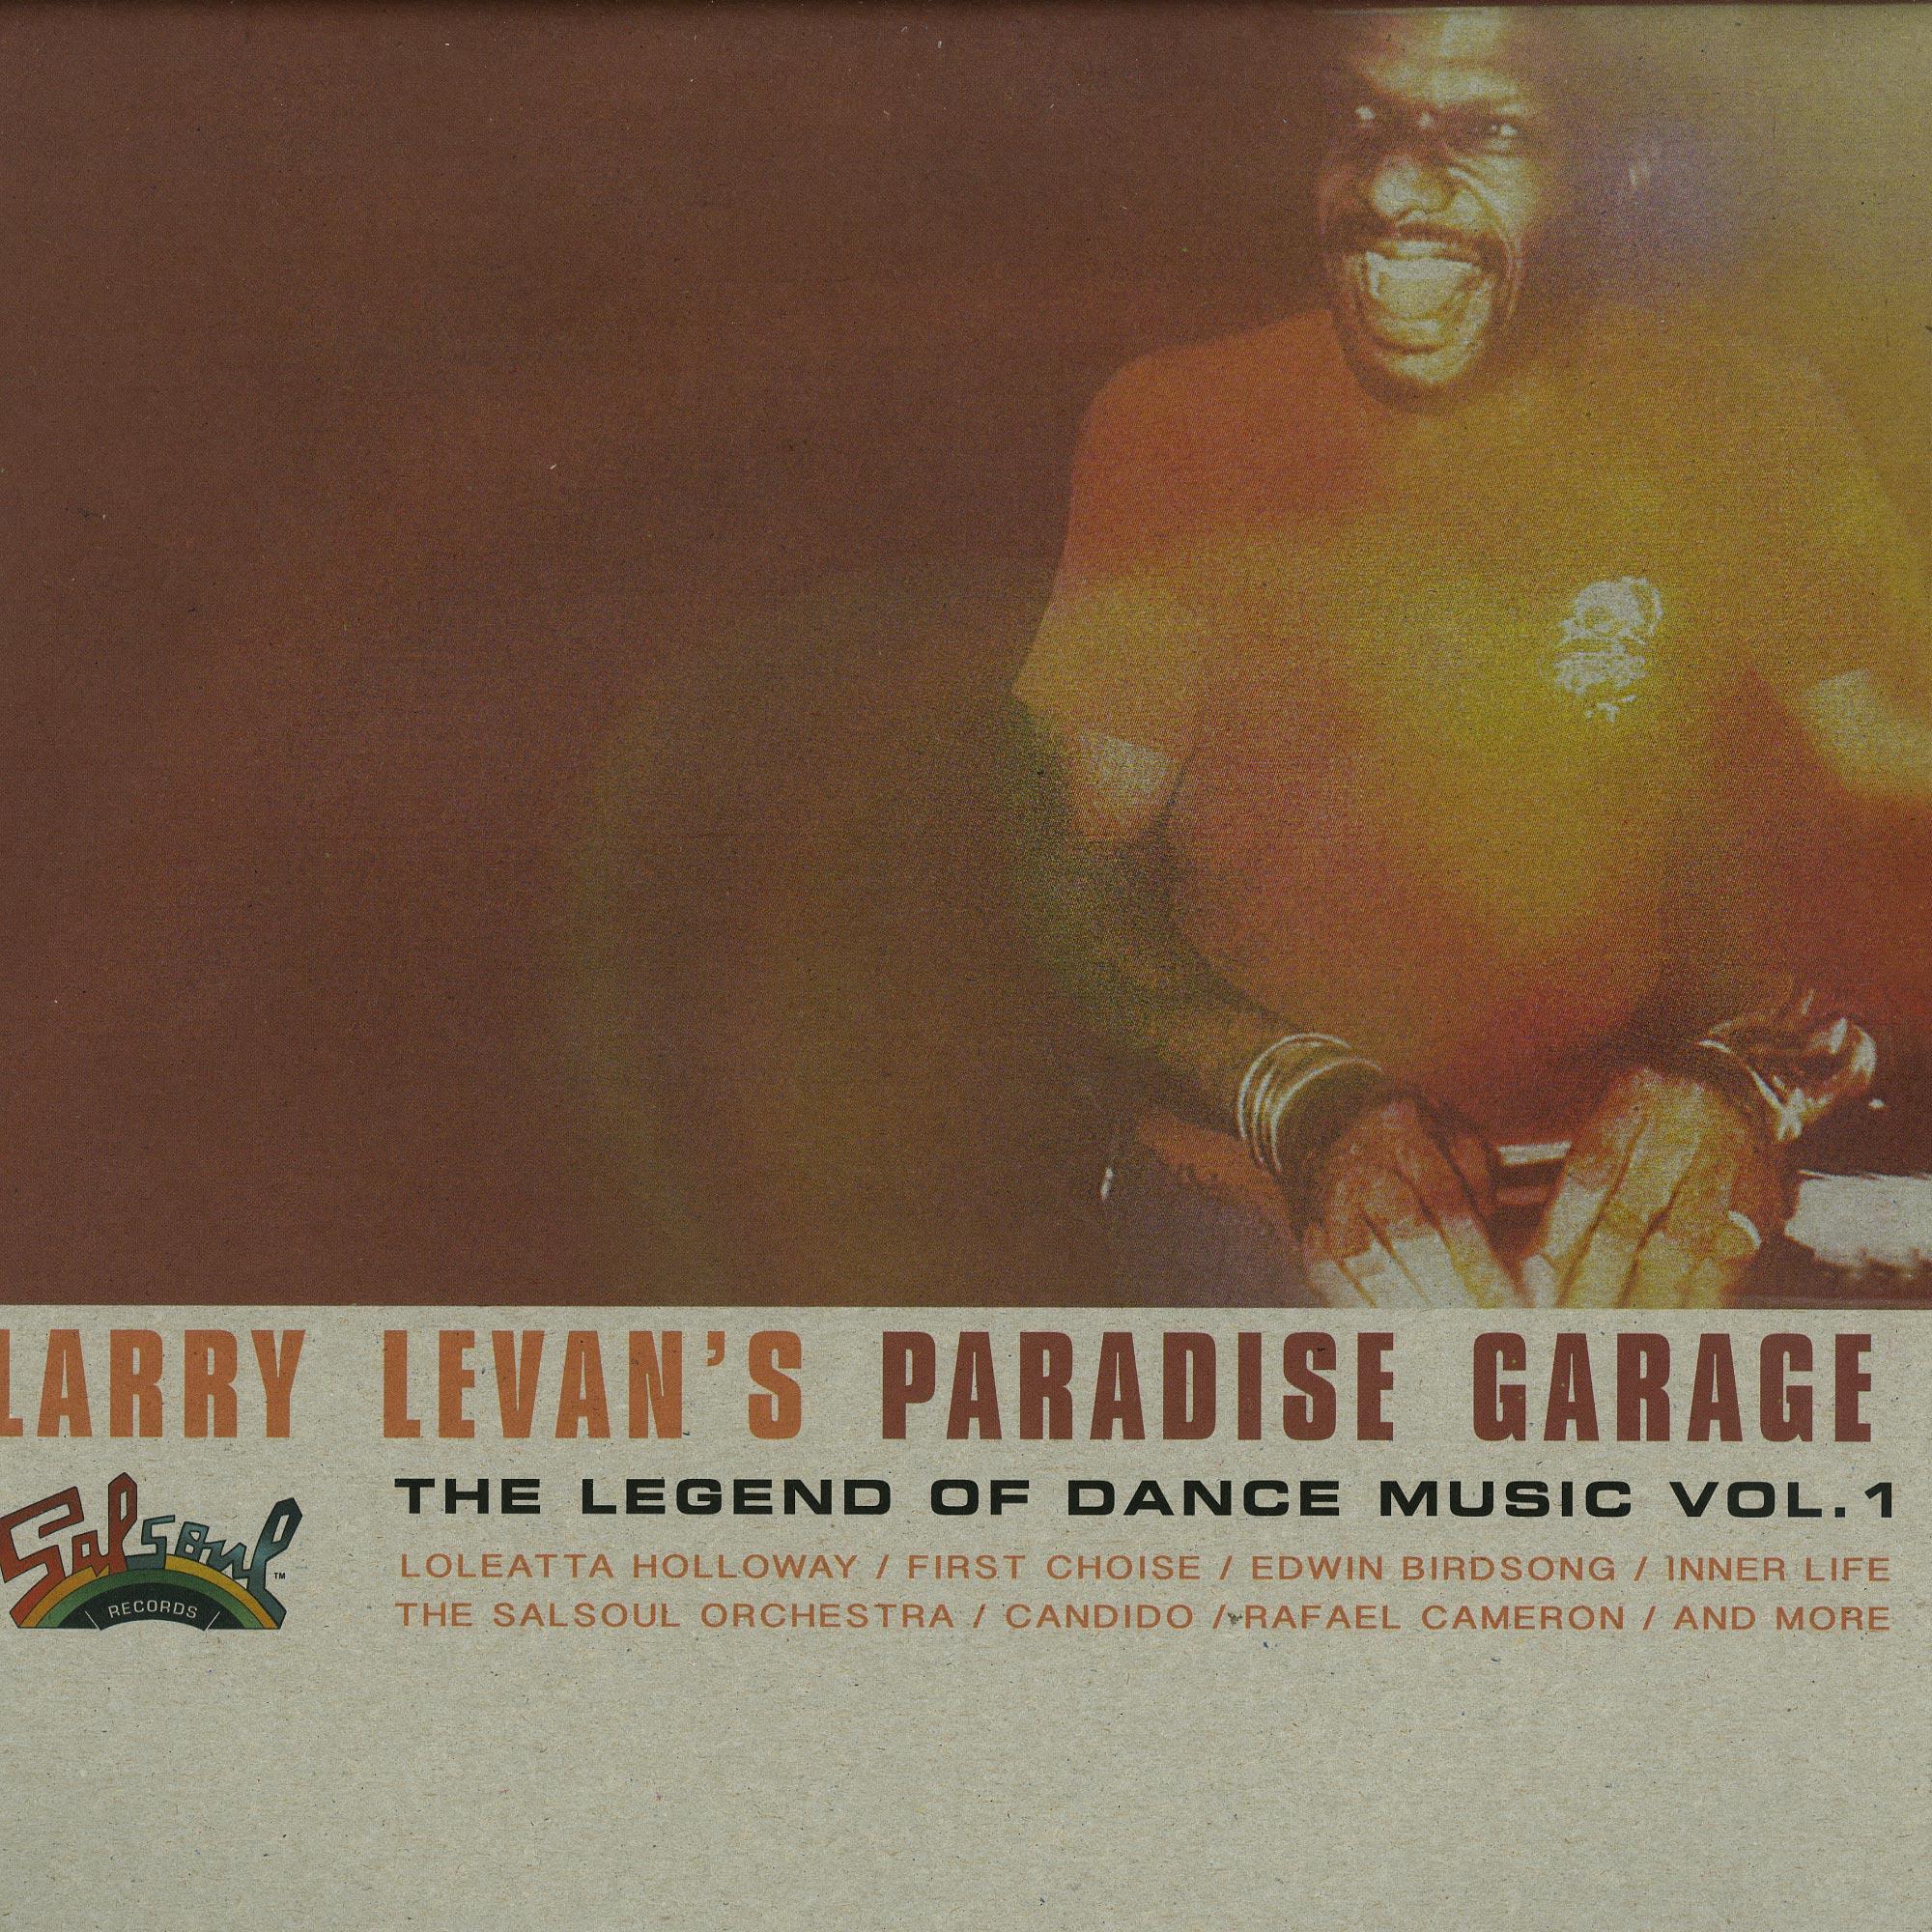 Larry Levans Paradise Garage - THE LEGEND OF DANCE MUSIC VOL.1